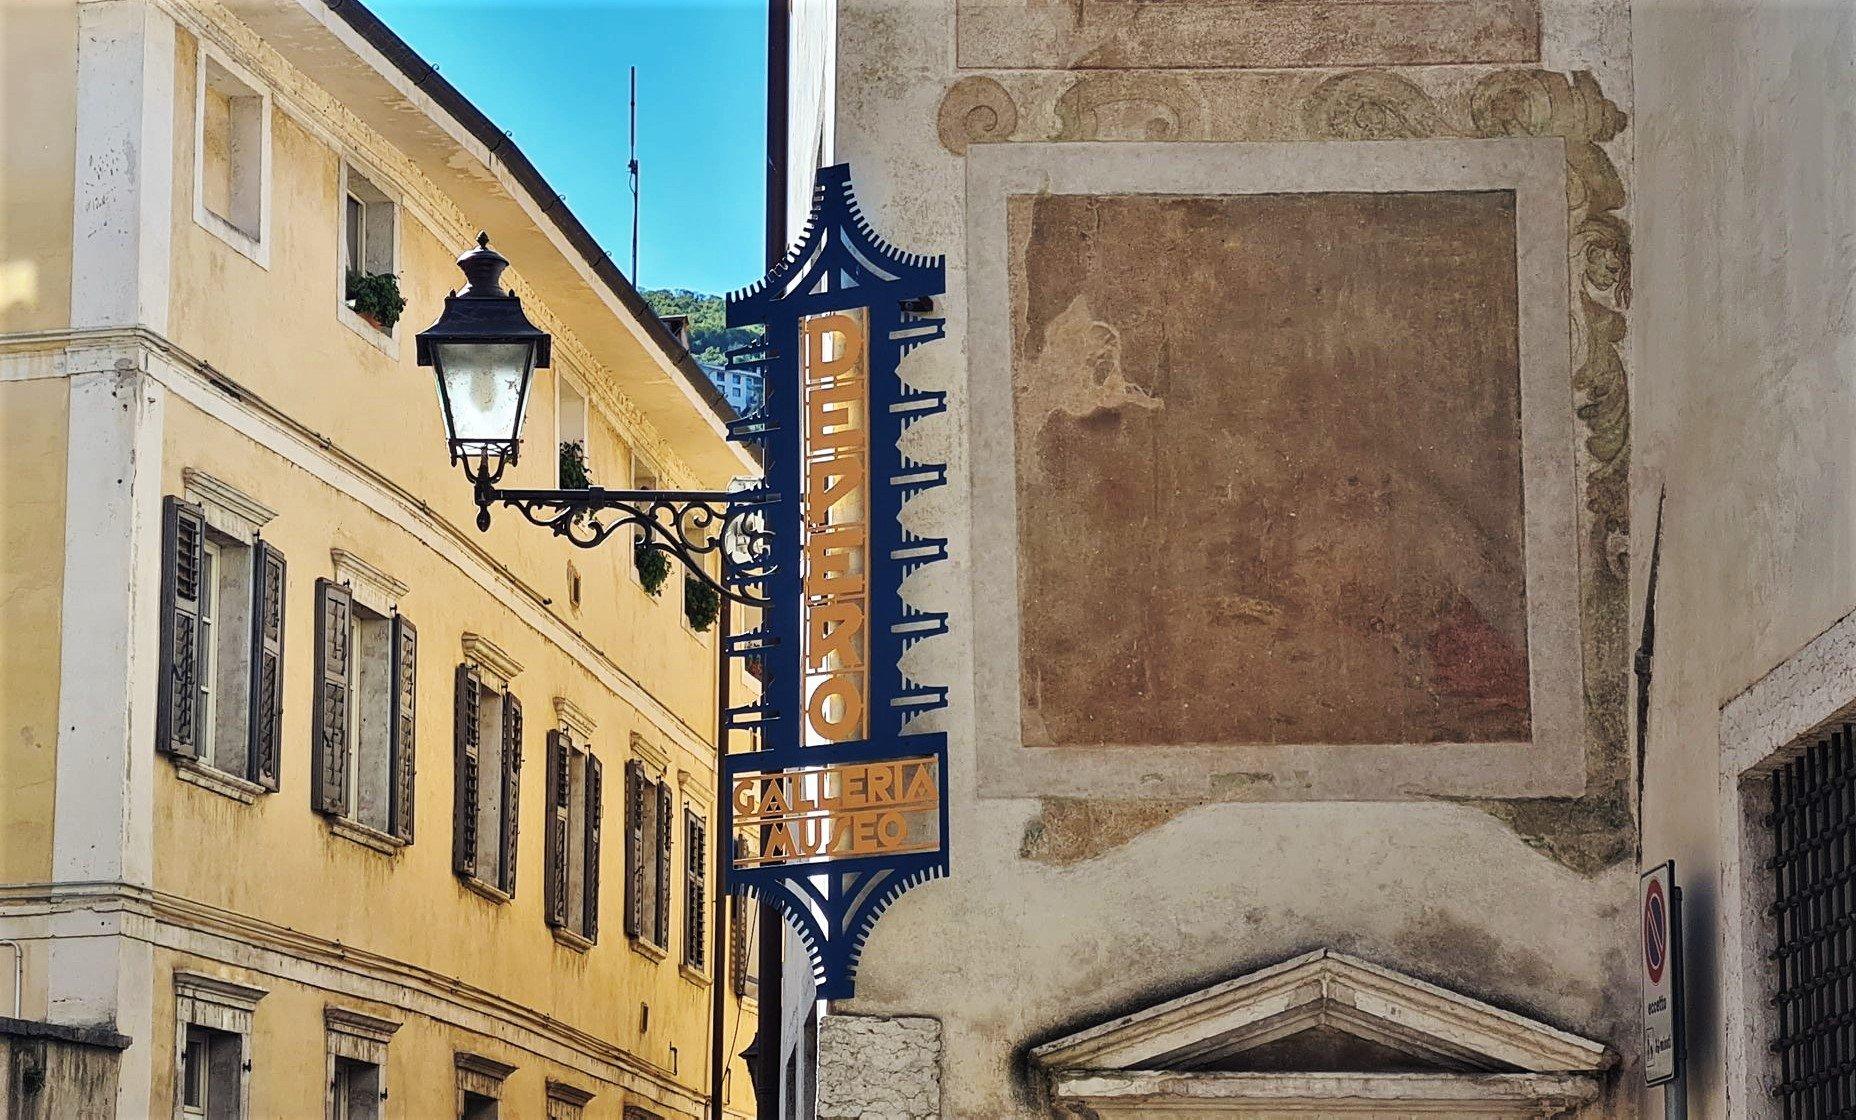 Dove si trova la Casa d'arte futurista Depero a Rovereto